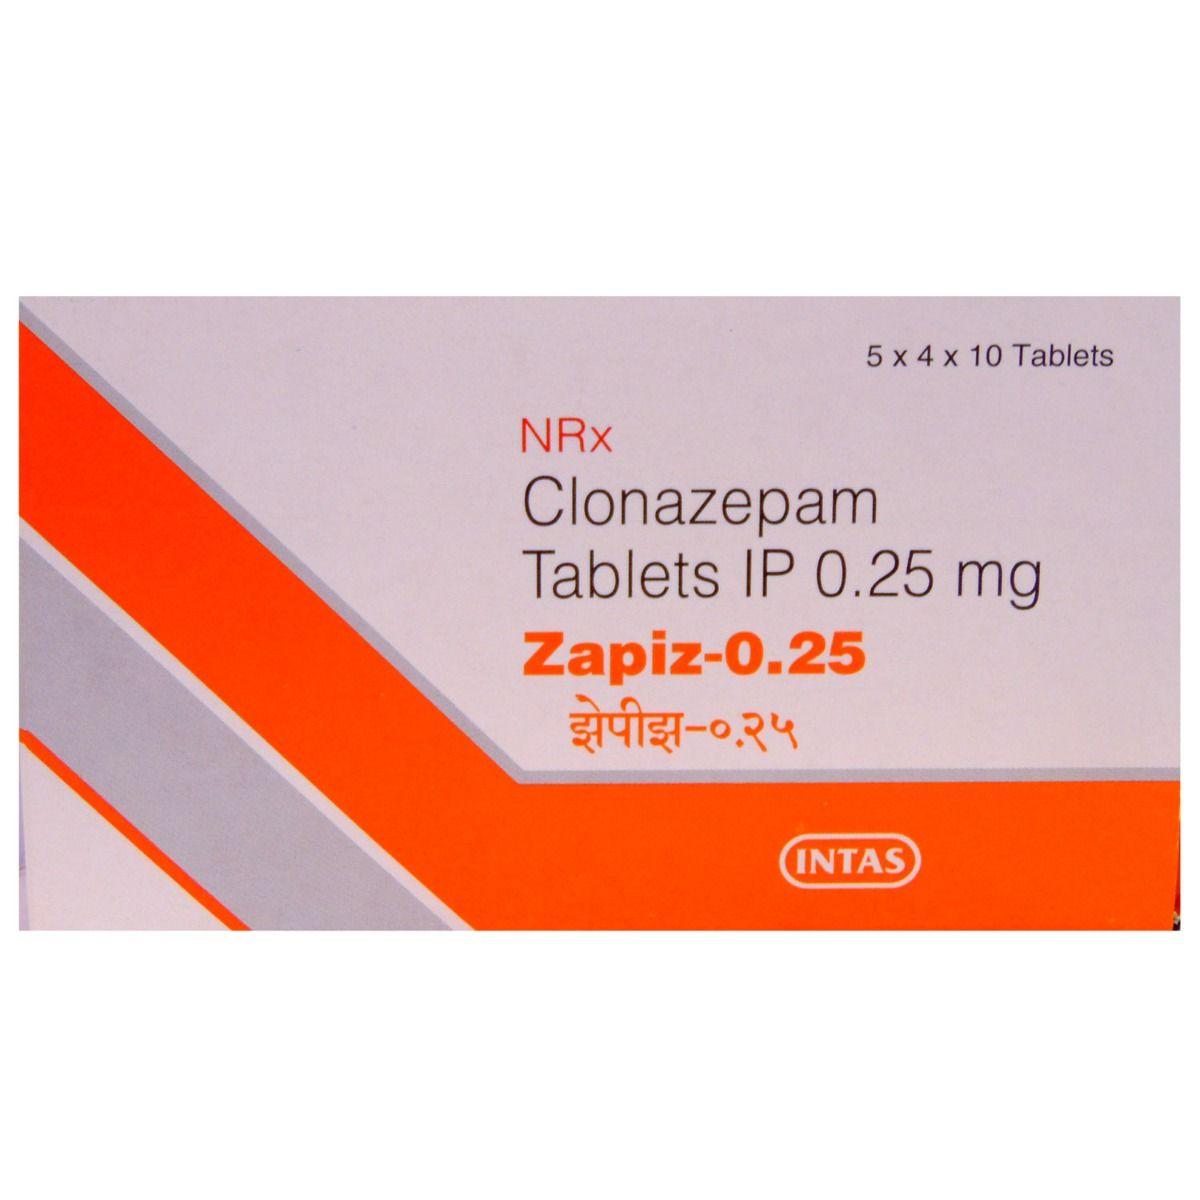 Zapiz-0.25 Tablet 10's